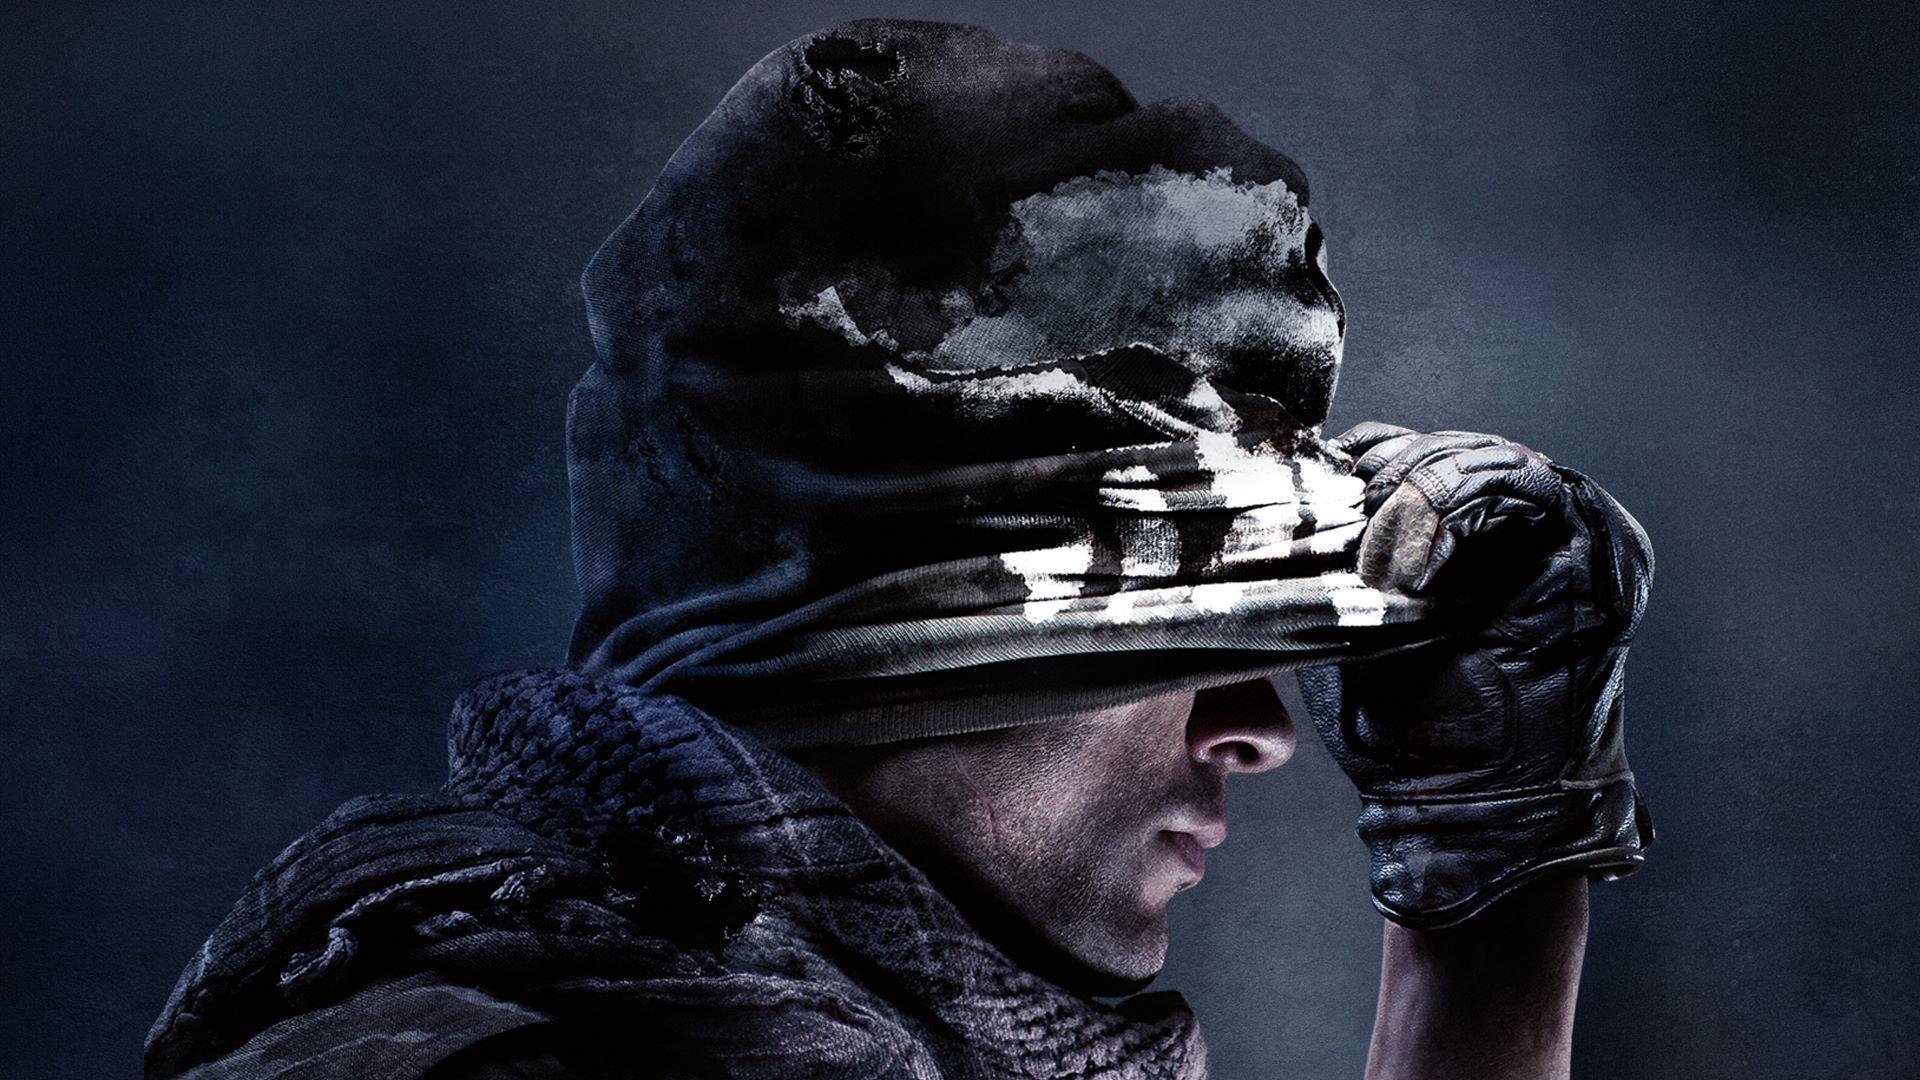 Estudo mostra que não há relação entre games violentos e agressividade de